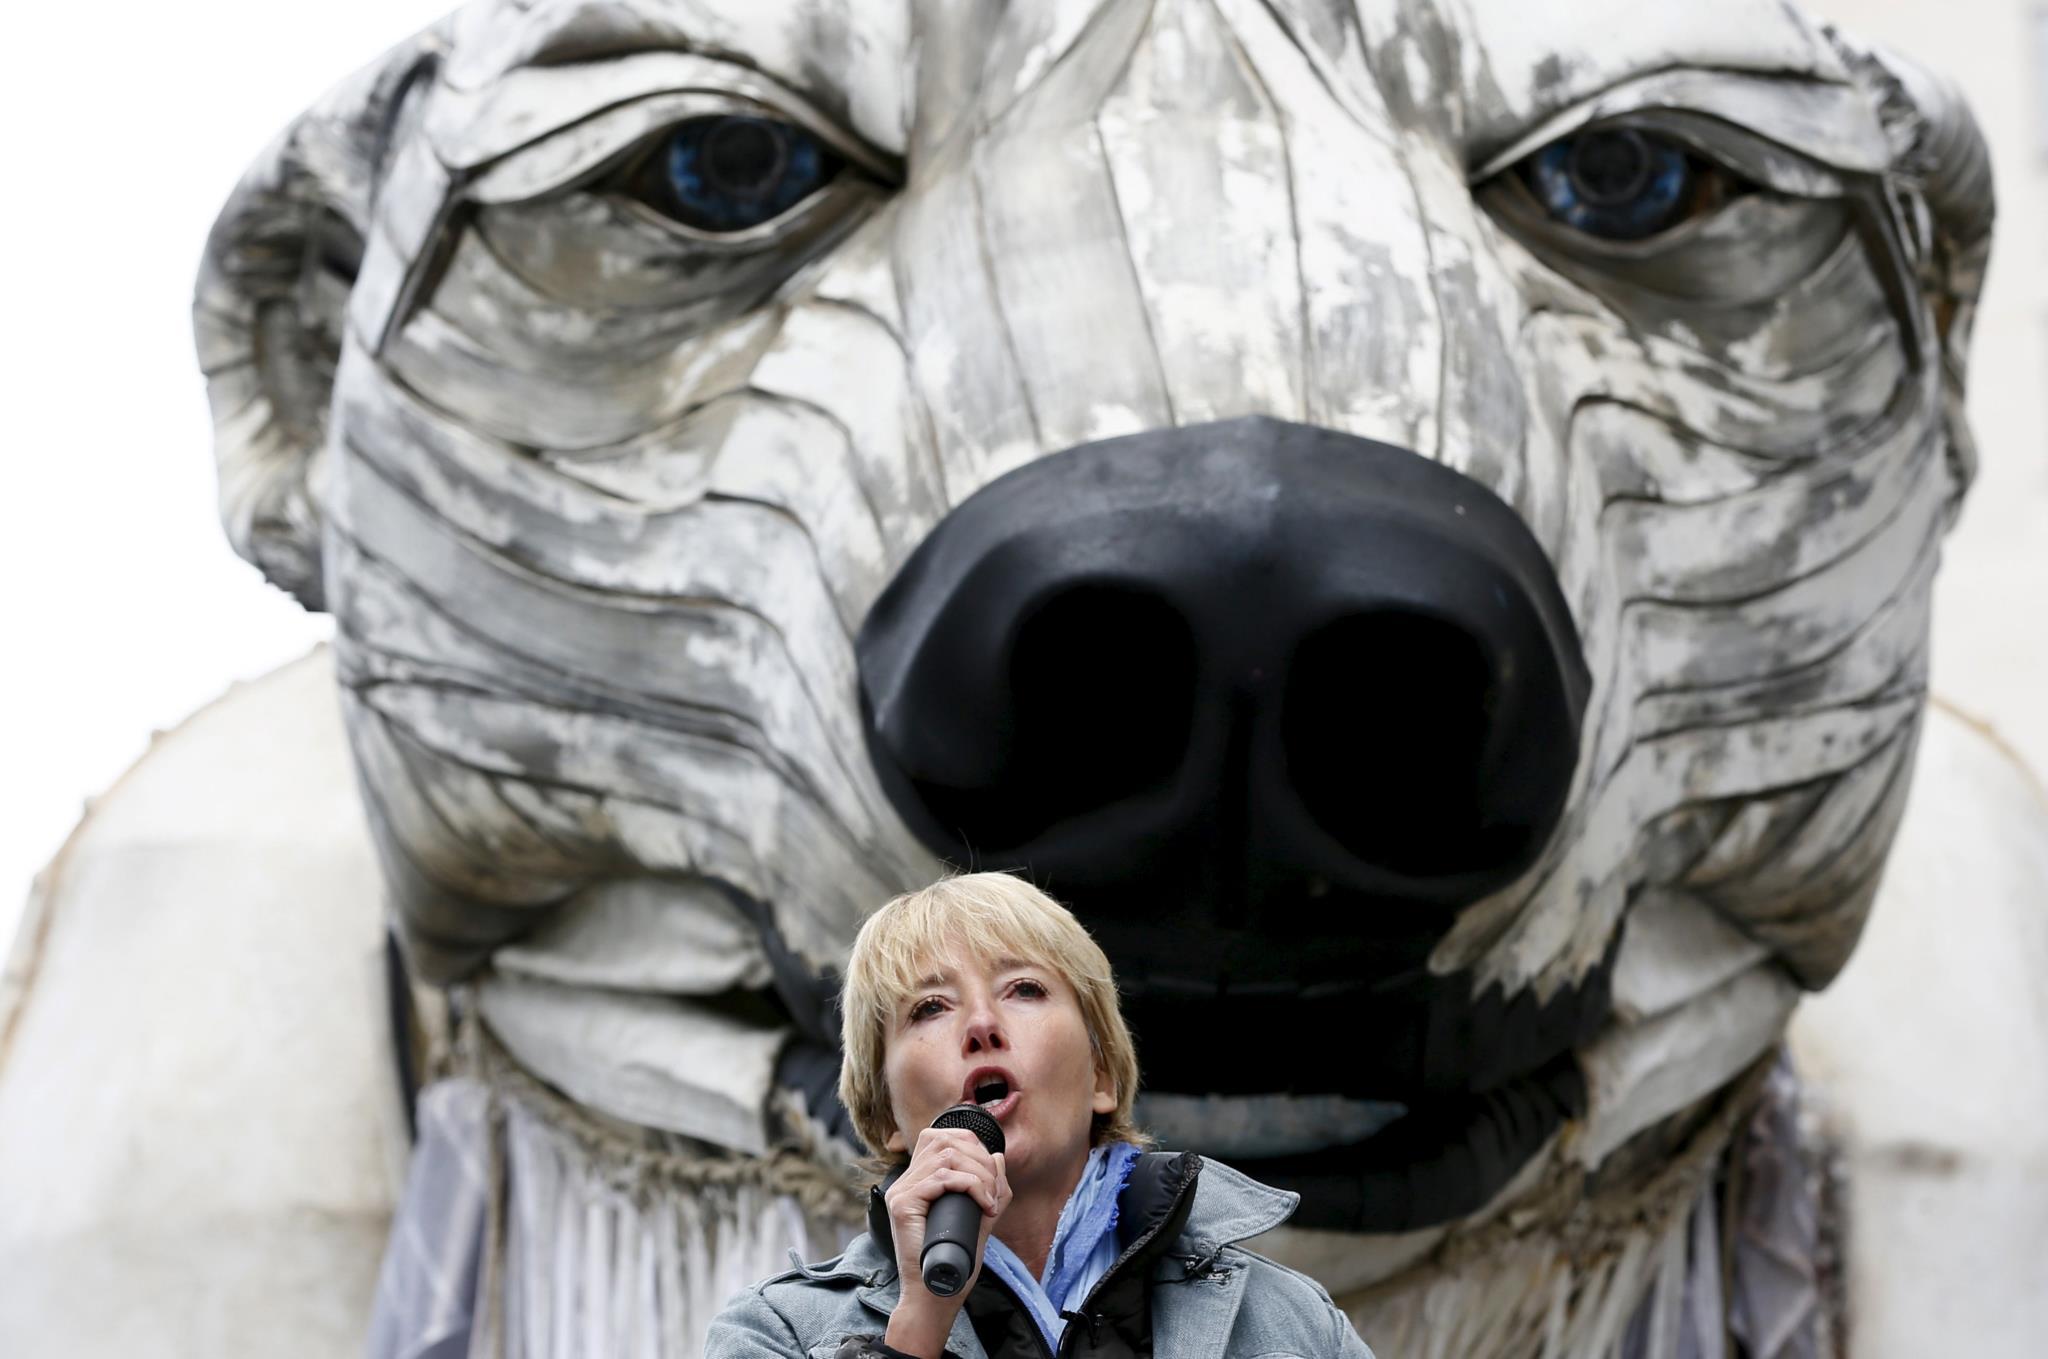 A actriz num protesto em defesa do ambiente, em Londres (foto de arquivo)